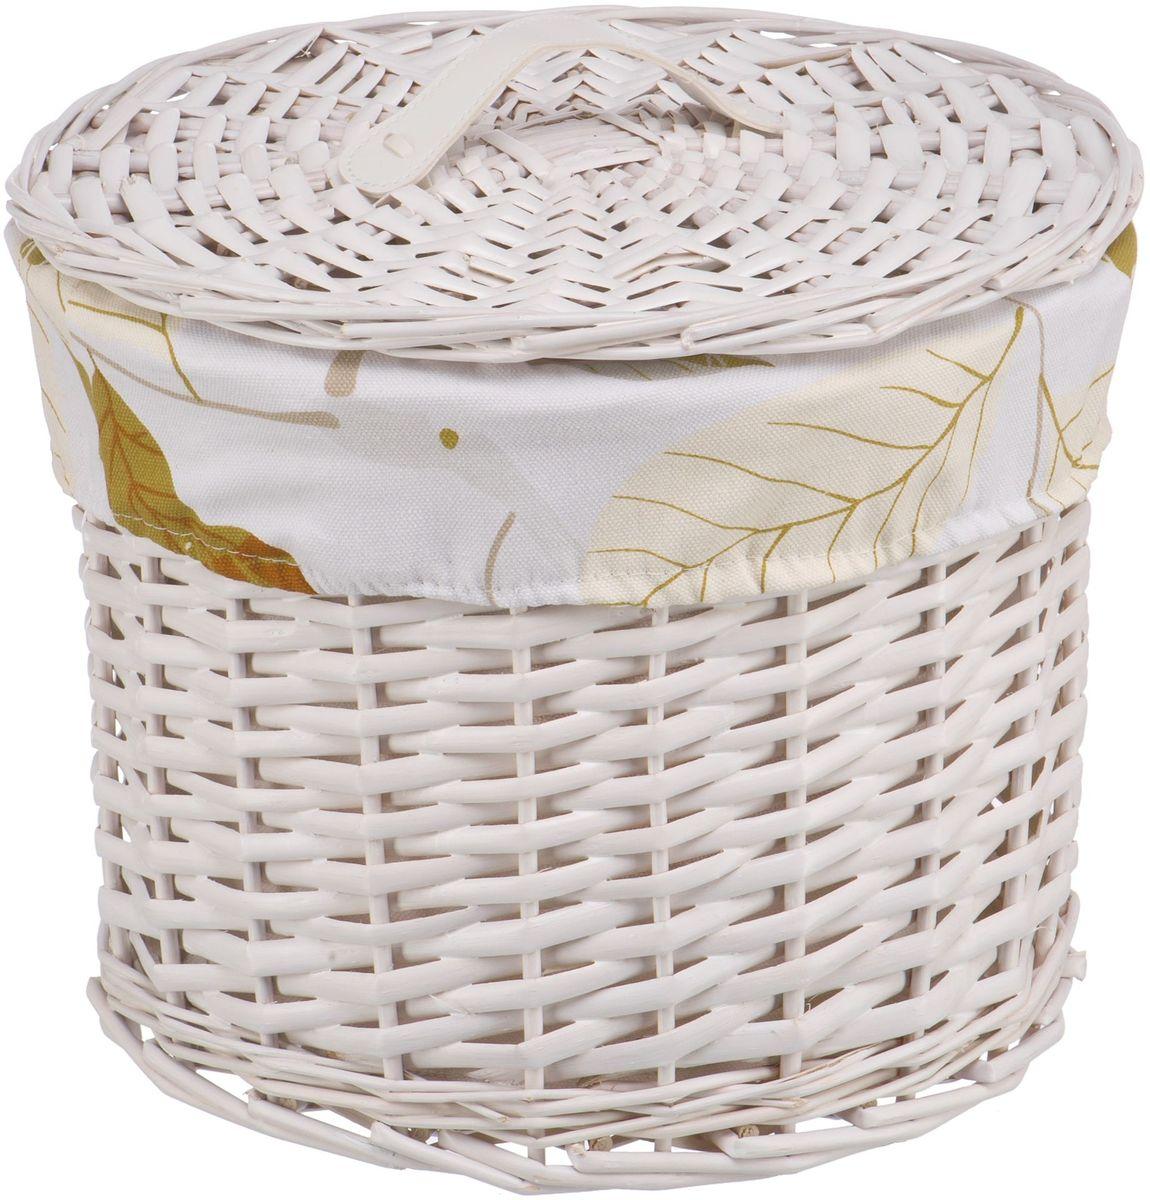 Корзина для белья Natural House Листья, цвет: белый, 23 х 23 х 18 см68/5/4Бельевая корзина Natural House из лозы ивы не только удобна, практична, но и прекрасно выглядит. Высокое качество и натуральные материалы гармонично сочетаются и создают в доме уют и теплое настроение.В комплекте с корзиной идет съемный чехол, который легко снимается и стирается.